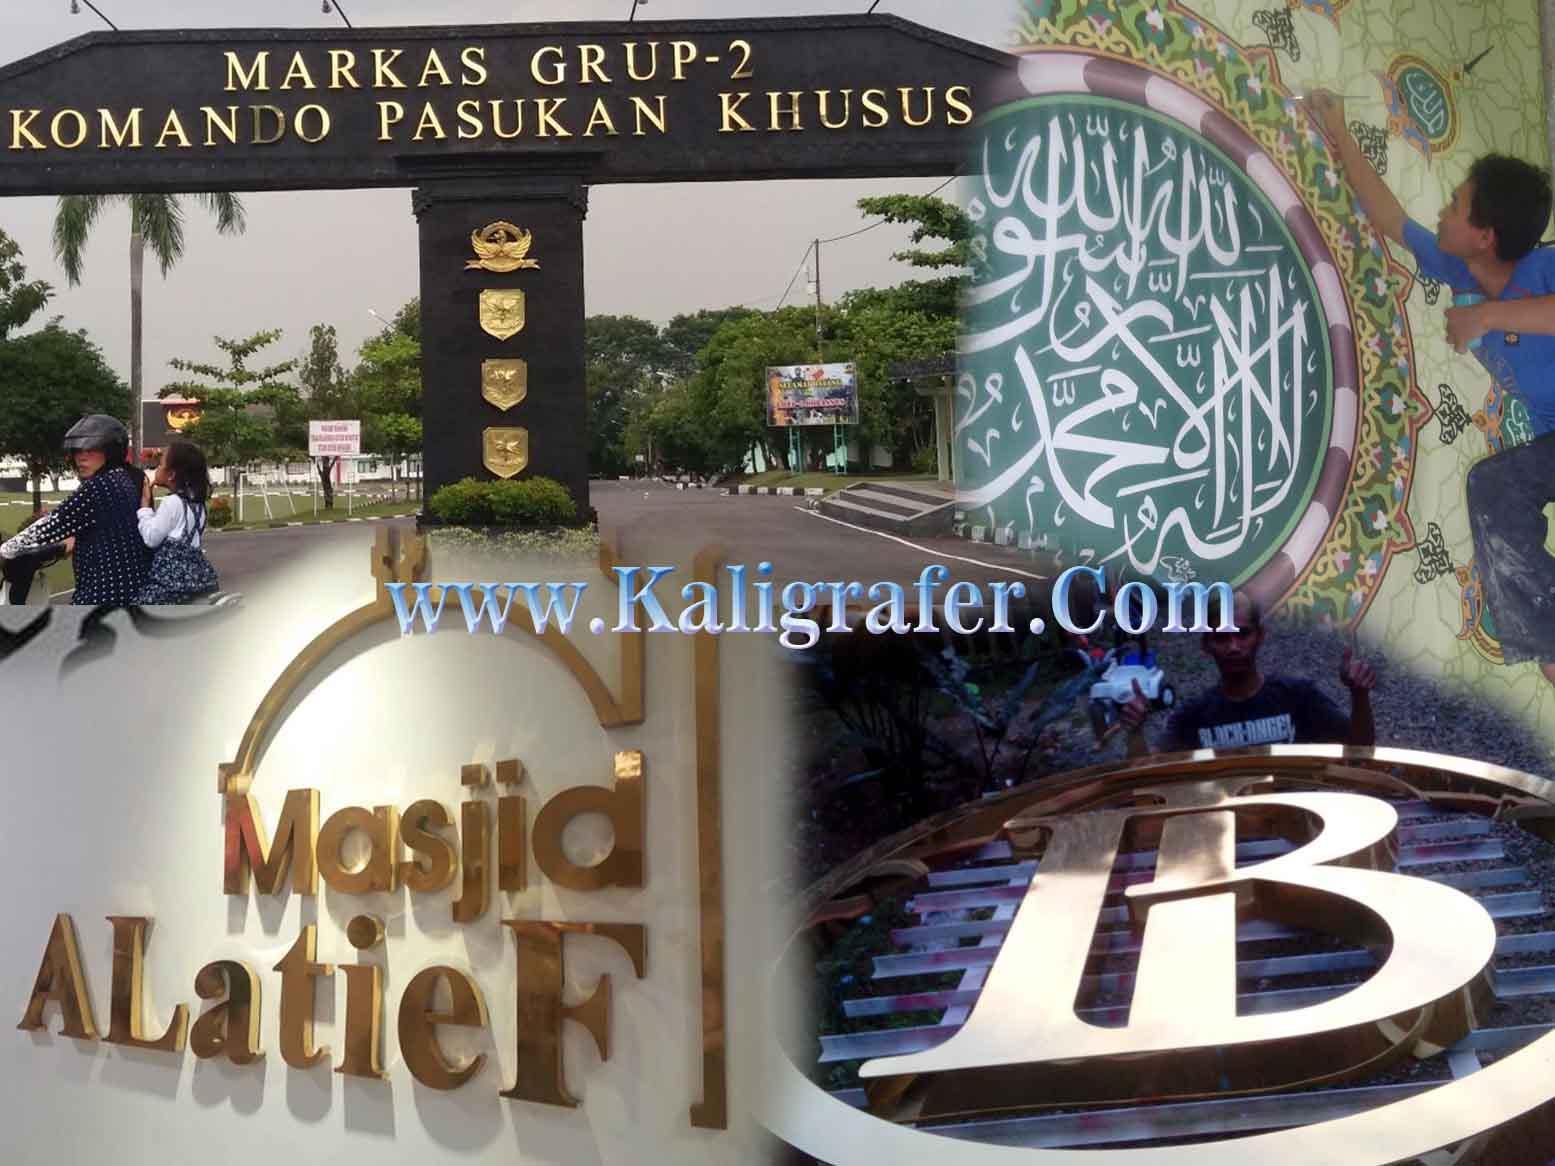 ✔️ Jasa Kaligrafi | ✔️ Kaligrafi Masjid | ✔️ Ornamen GRC | 2